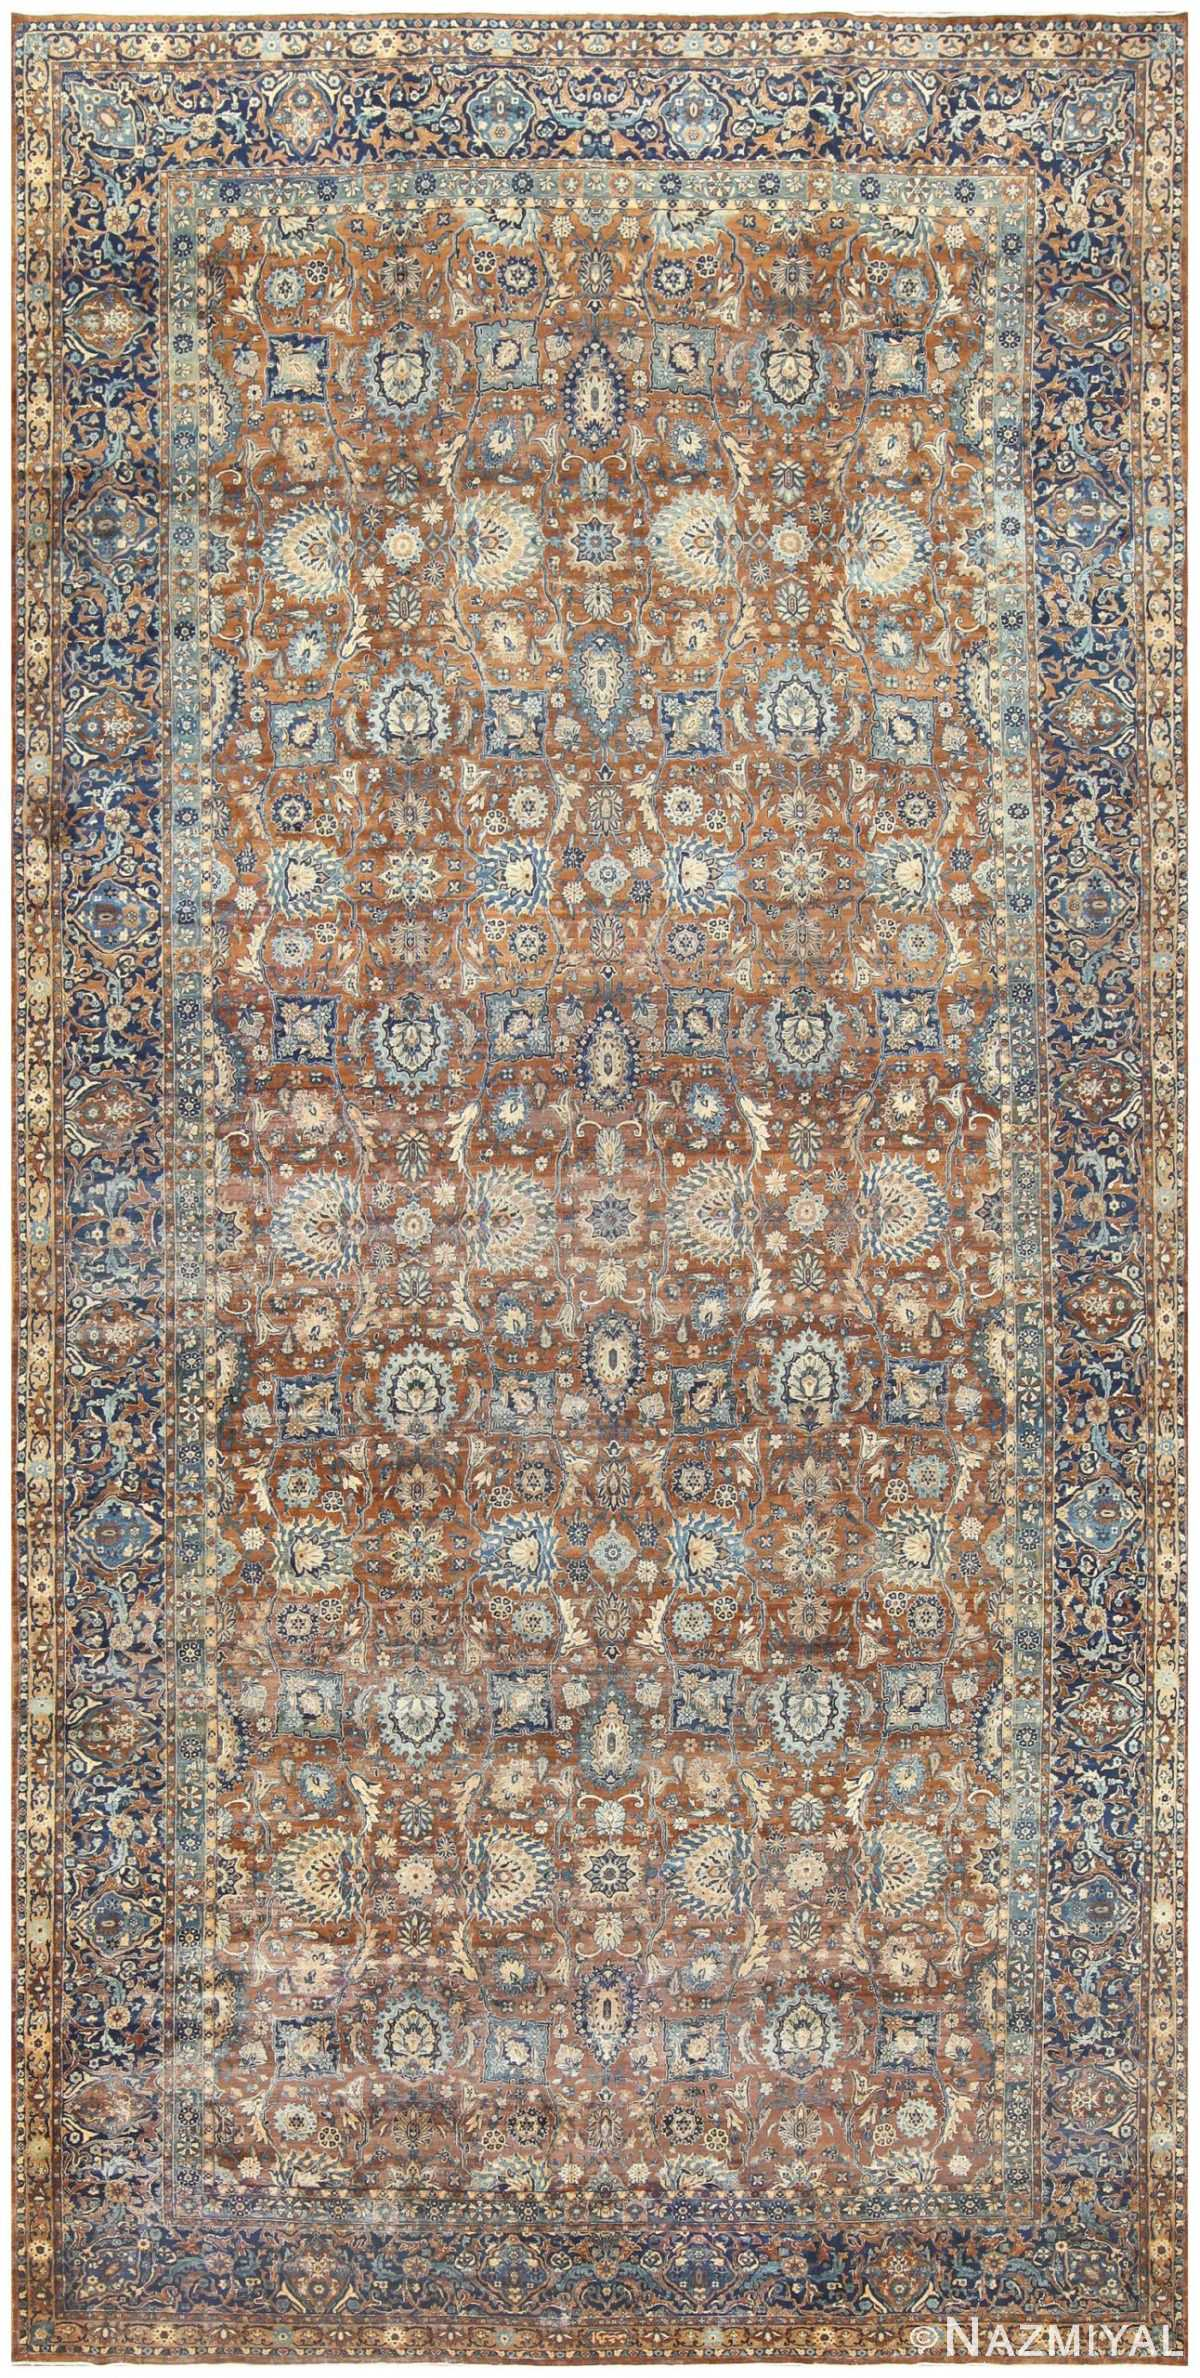 Brown and Blue Oversized Antique Persian Kerman Carpet 50192 Nazmiyal